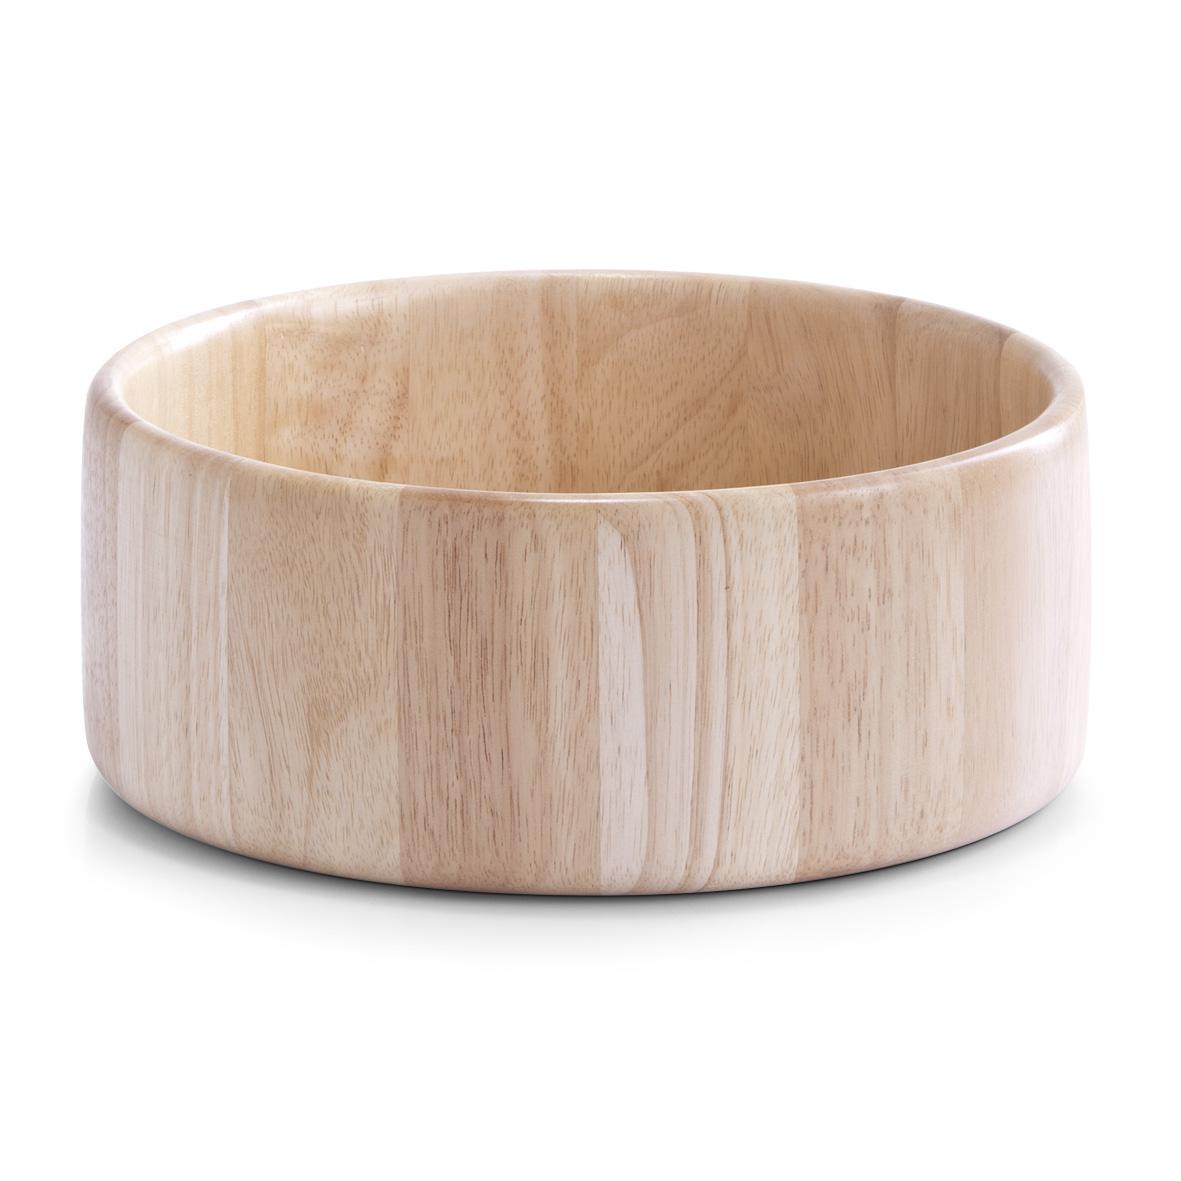 Салатник Zeller, диаметр 25 см24020Салатник Zeller изготовлен из дерева. Такой салатник украсит сервировку вашего стола и подчеркнет прекрасный вкус хозяина, а также станет отличным подарком.